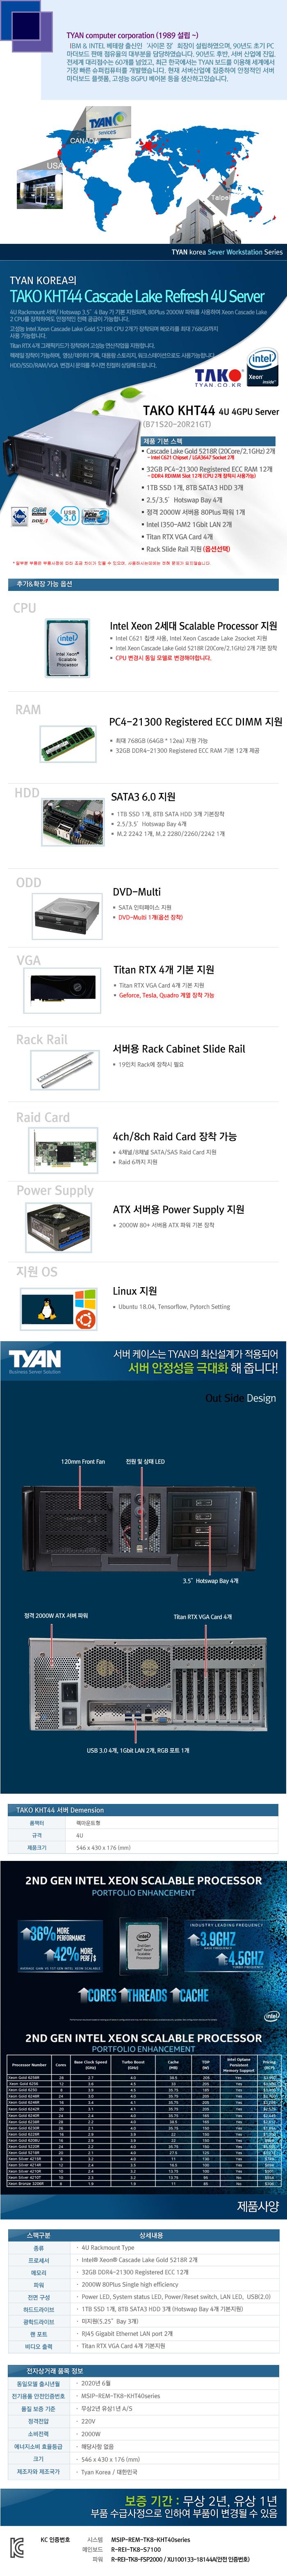 TYAN TAKO-KHT44-(B71S20-20R21GT) 4GPU (384GB, SSD 1TB + 24TB)